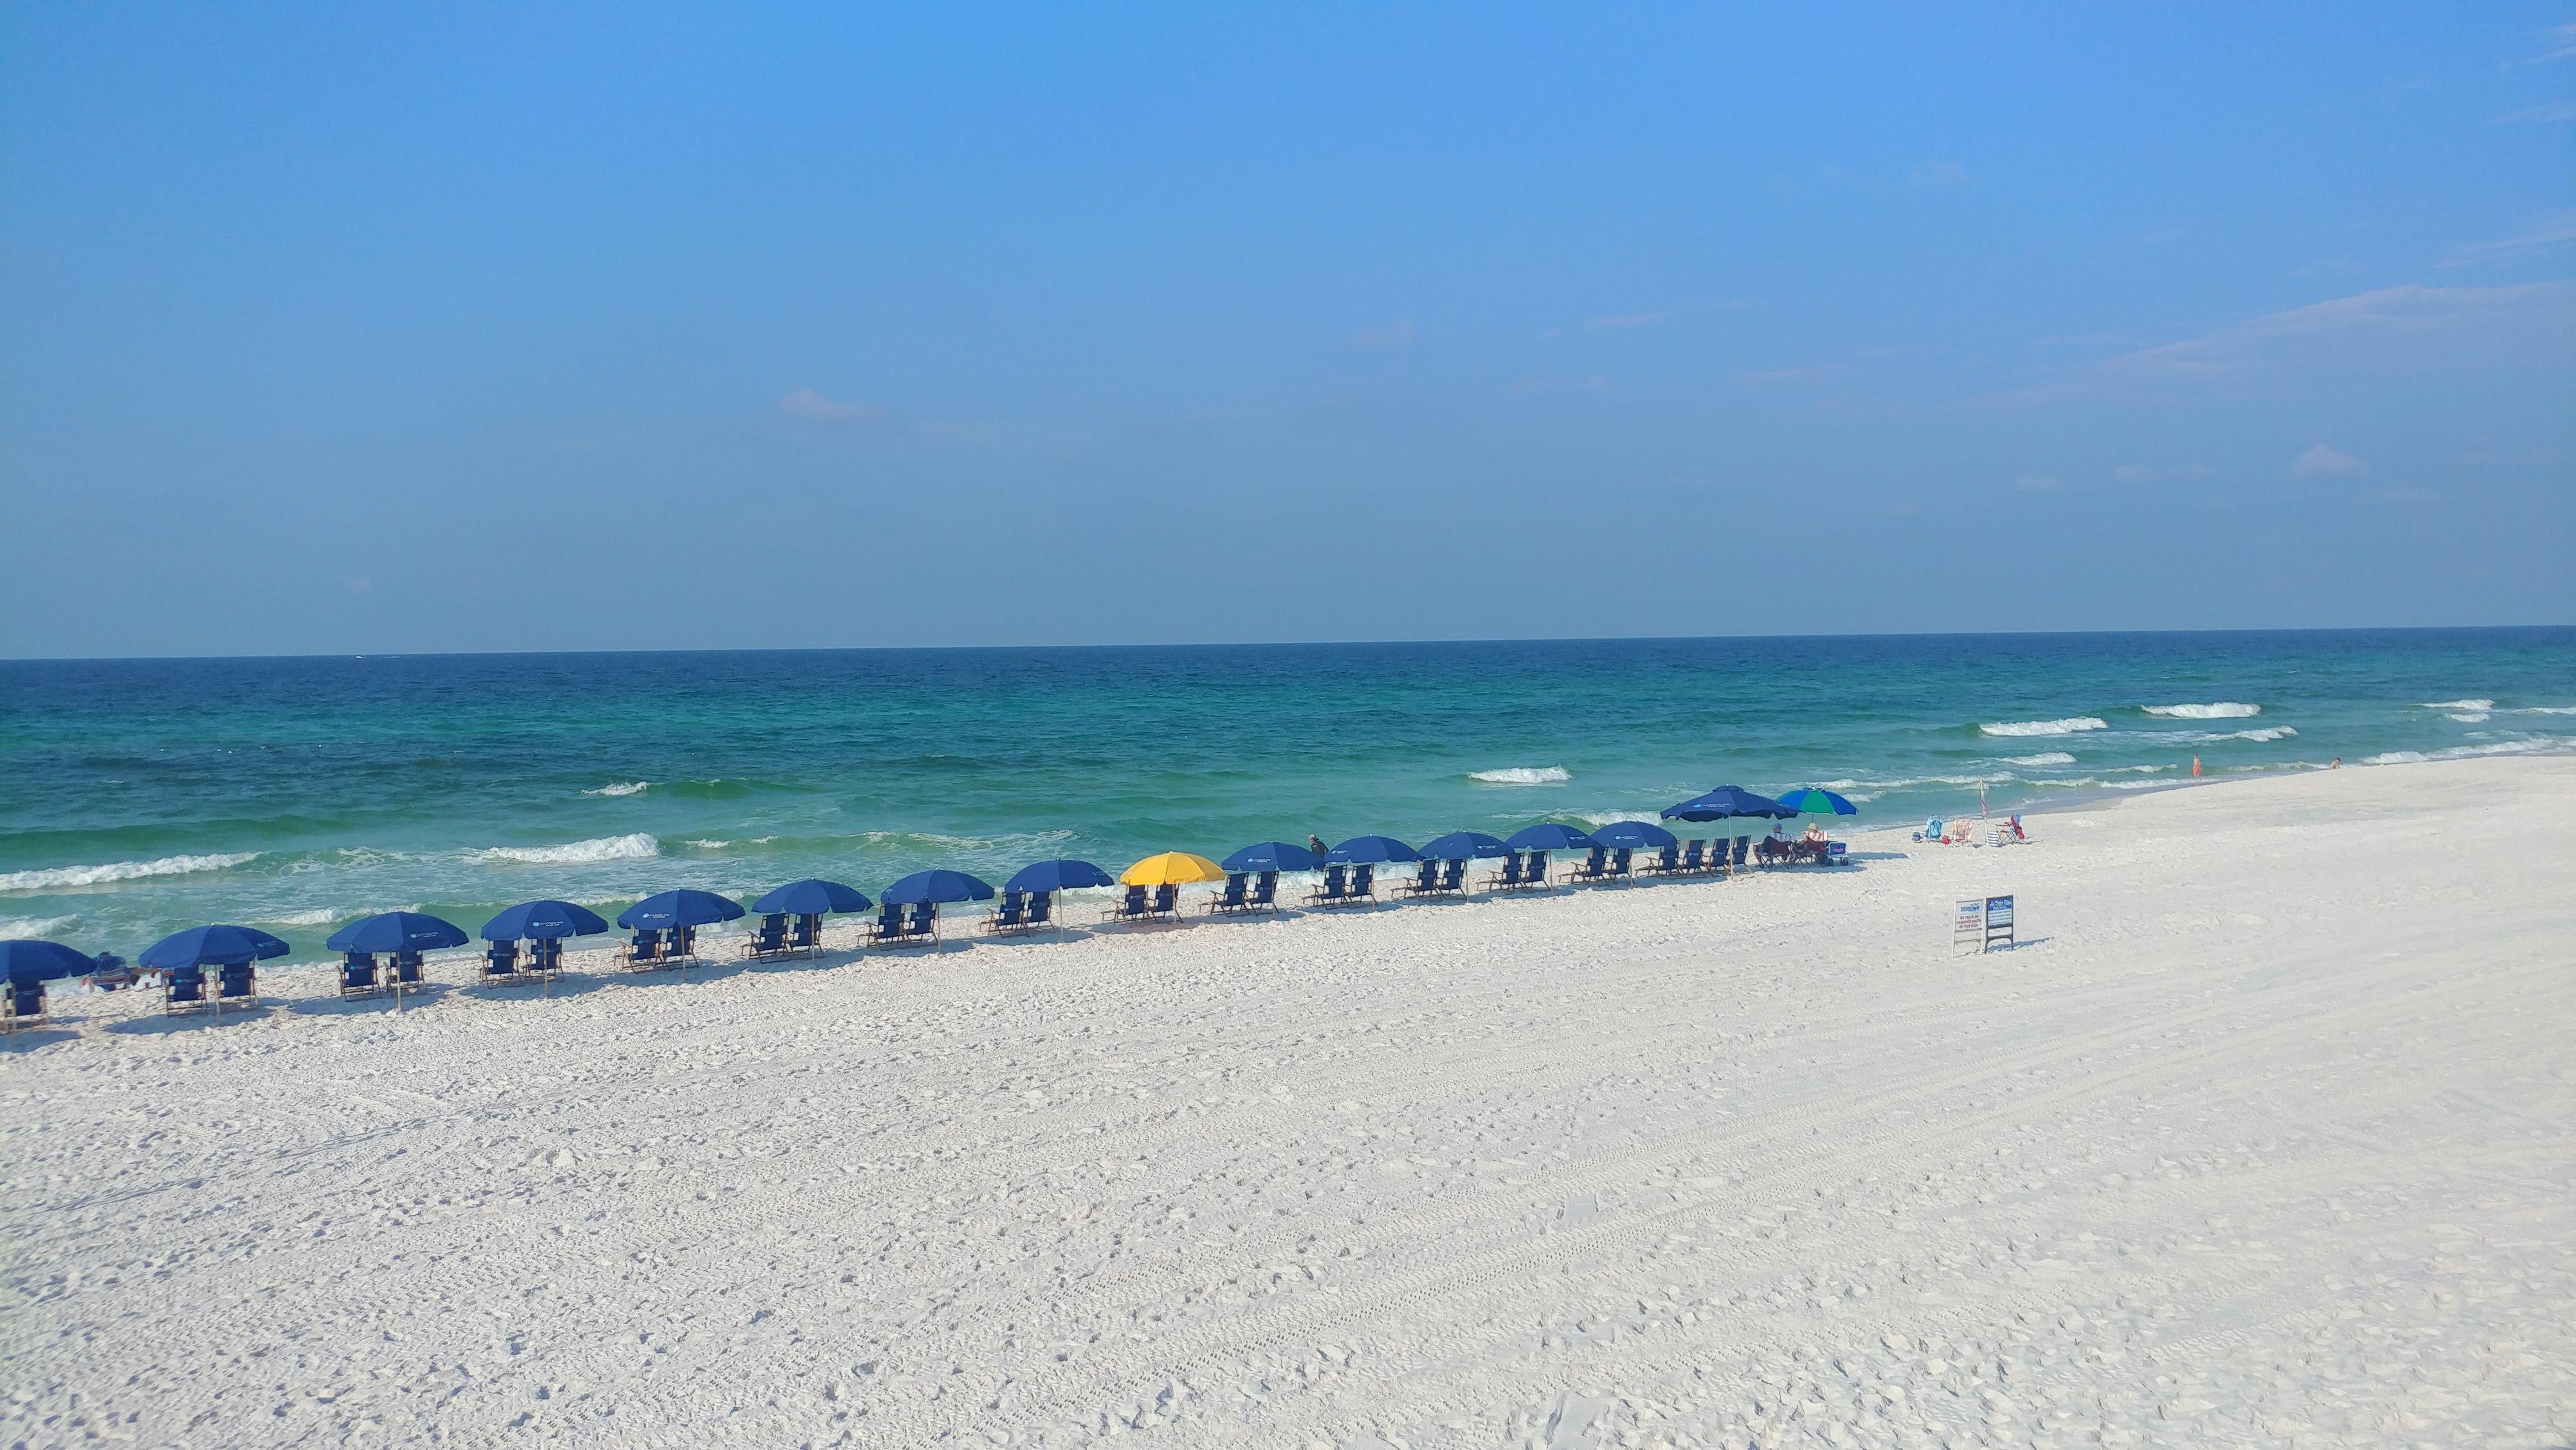 Relaxing no beach chairs